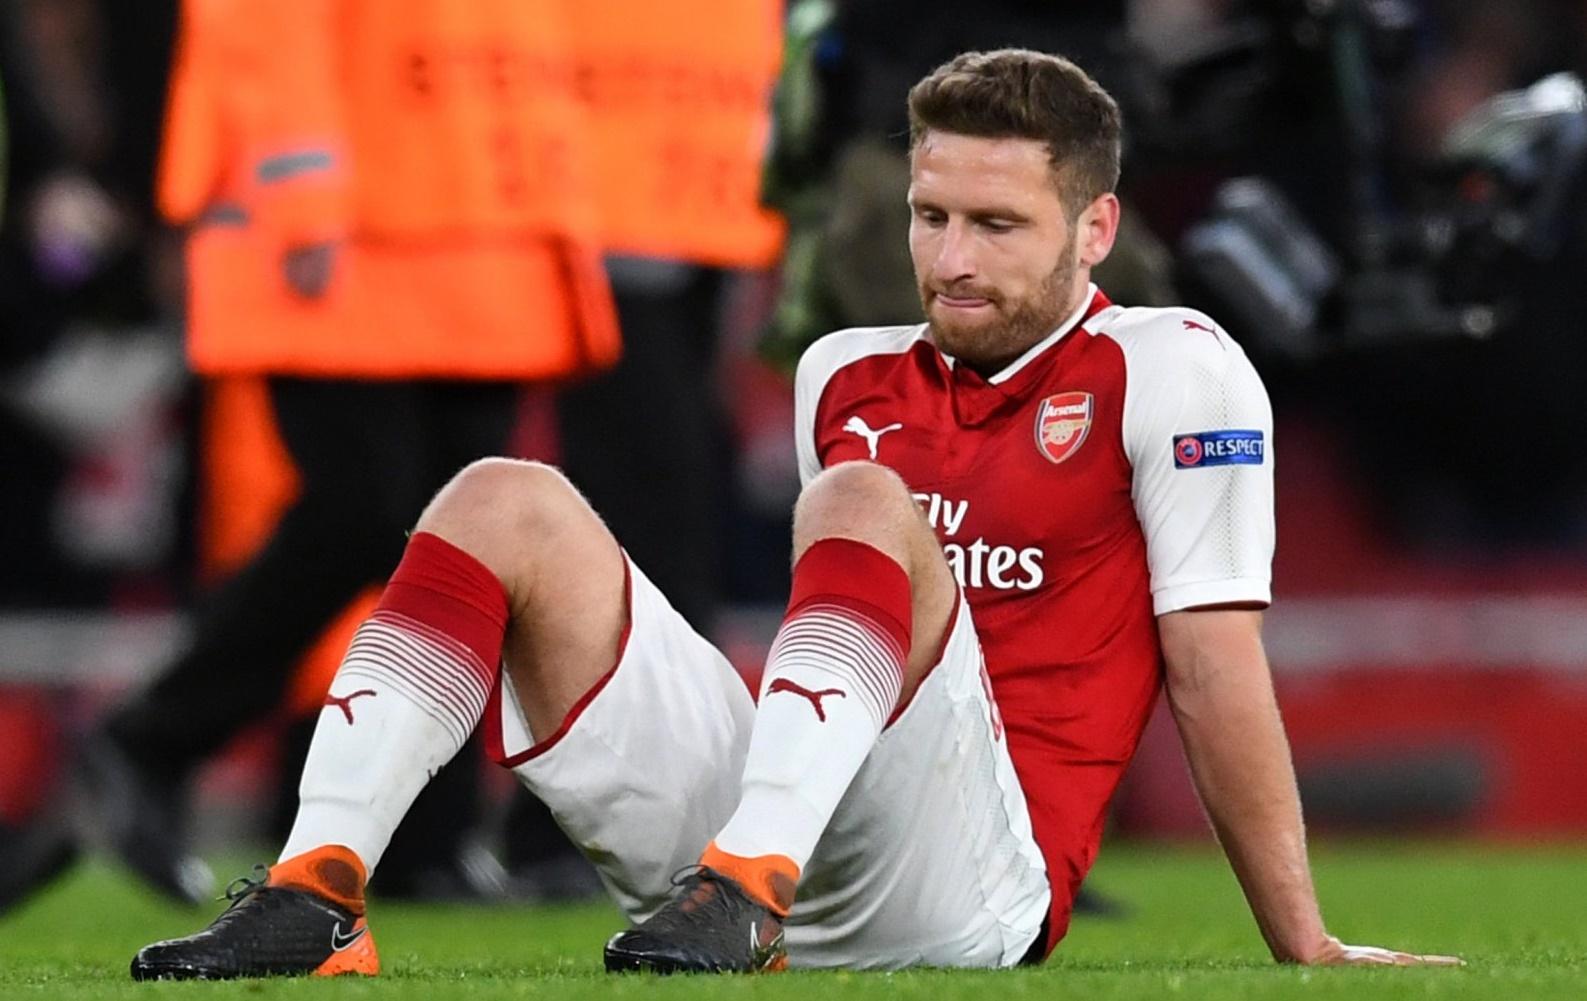 Xin lỗi, mùa sau sẽ là thời điểm Arsenal thực sự bùng nổ! - Bóng Đá